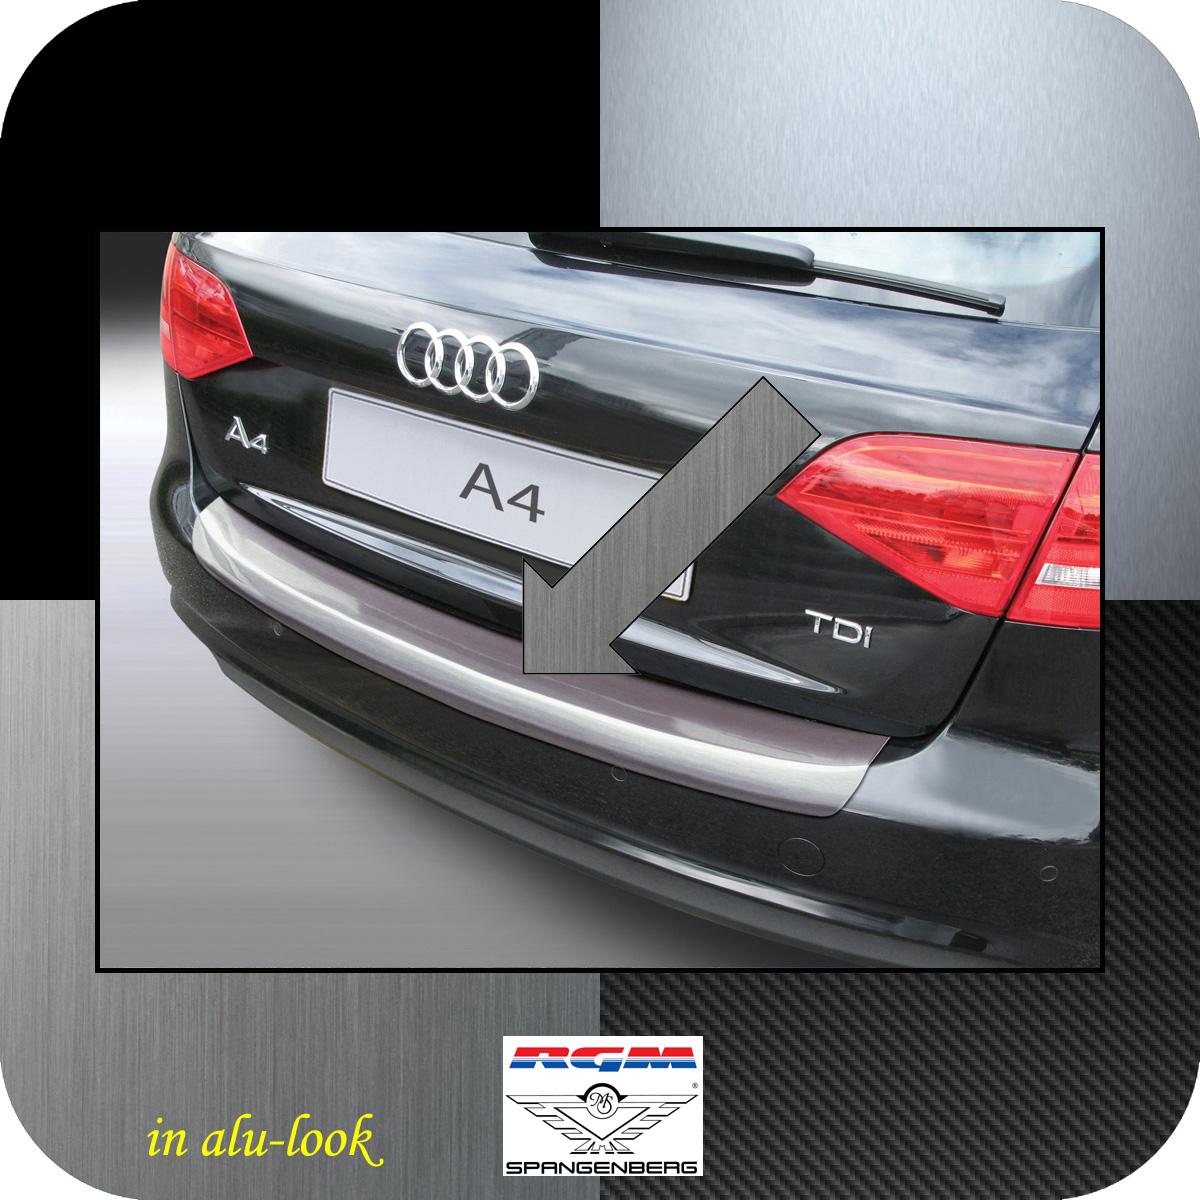 Ladekantenschutz Alu-Look Audi A4 B8 Avant Mopf 2011-2015 auch S-Line 3504566